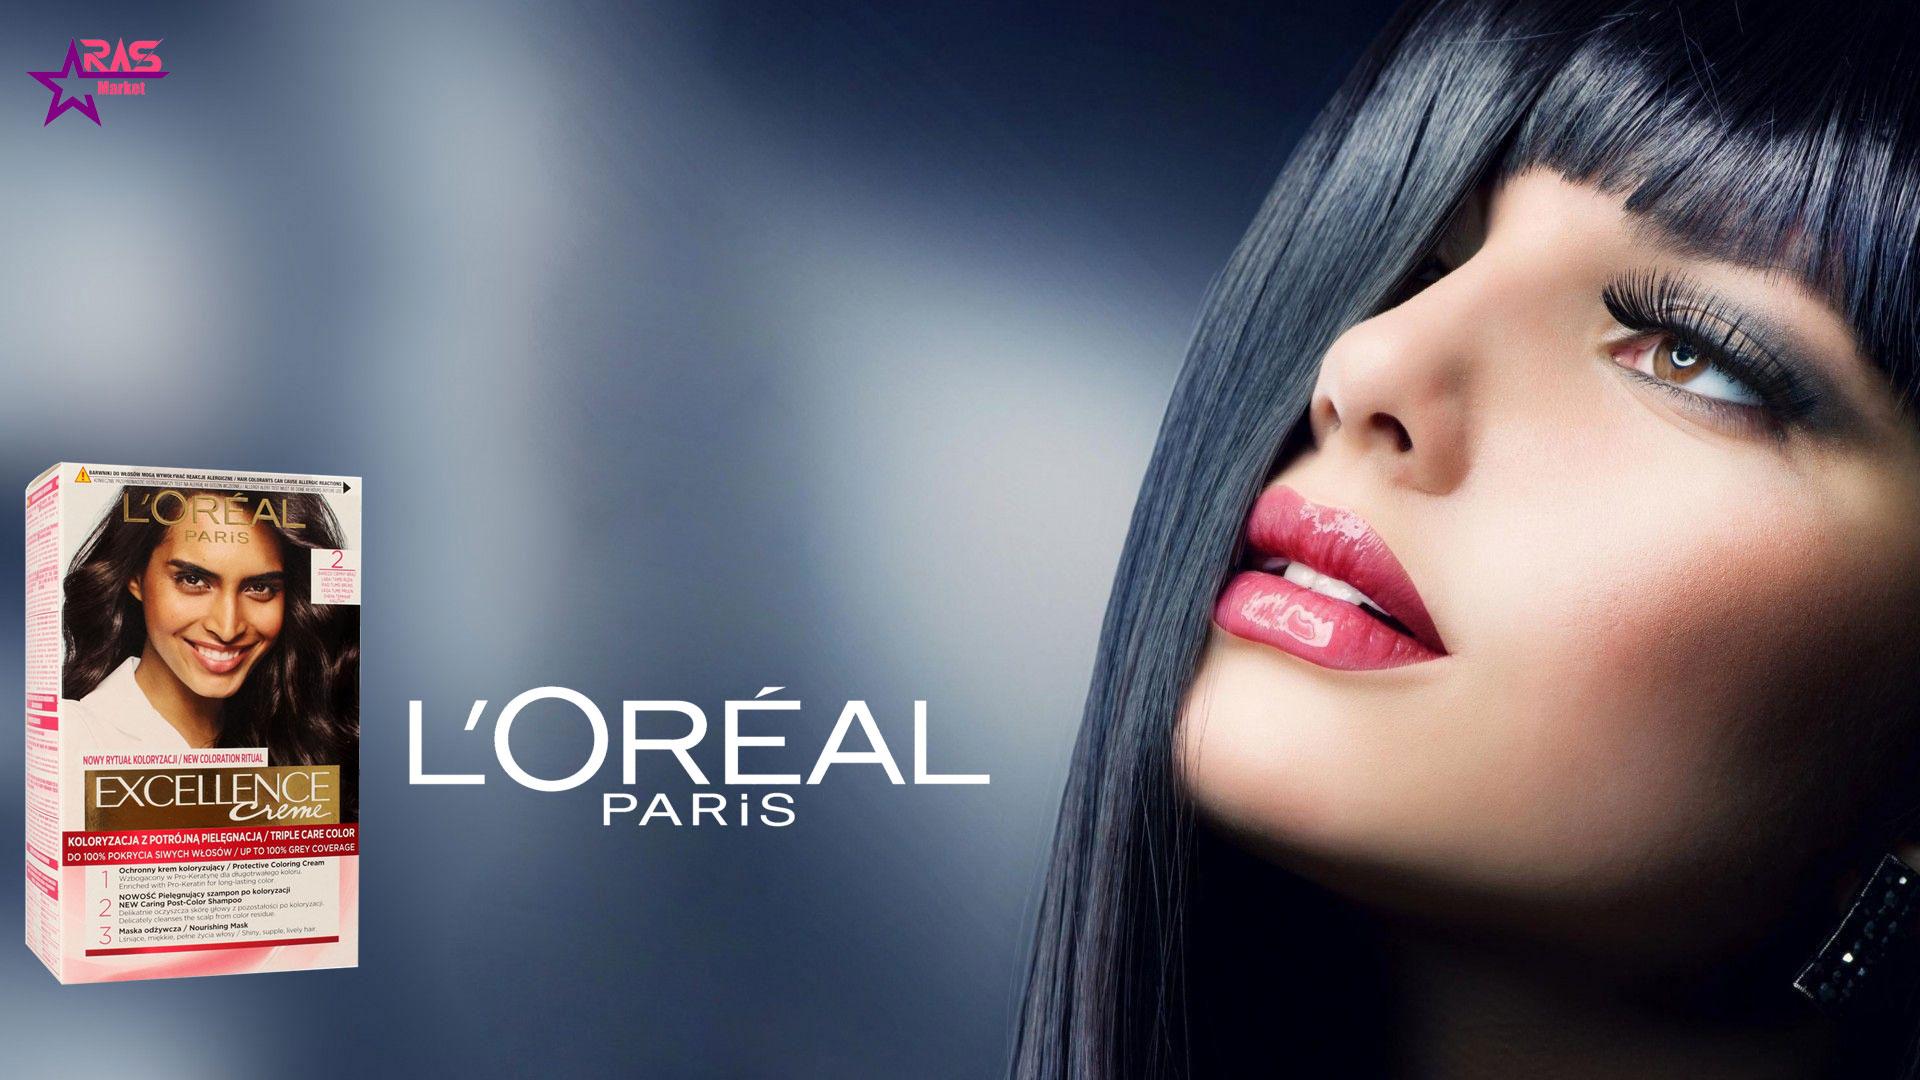 کیت رنگ مو لورآل سری Excellence شماره 2 ، خرید اینترنتی محصولات شوینده و بهداشتی ، بهداشت بانوان ، ارس مارکت